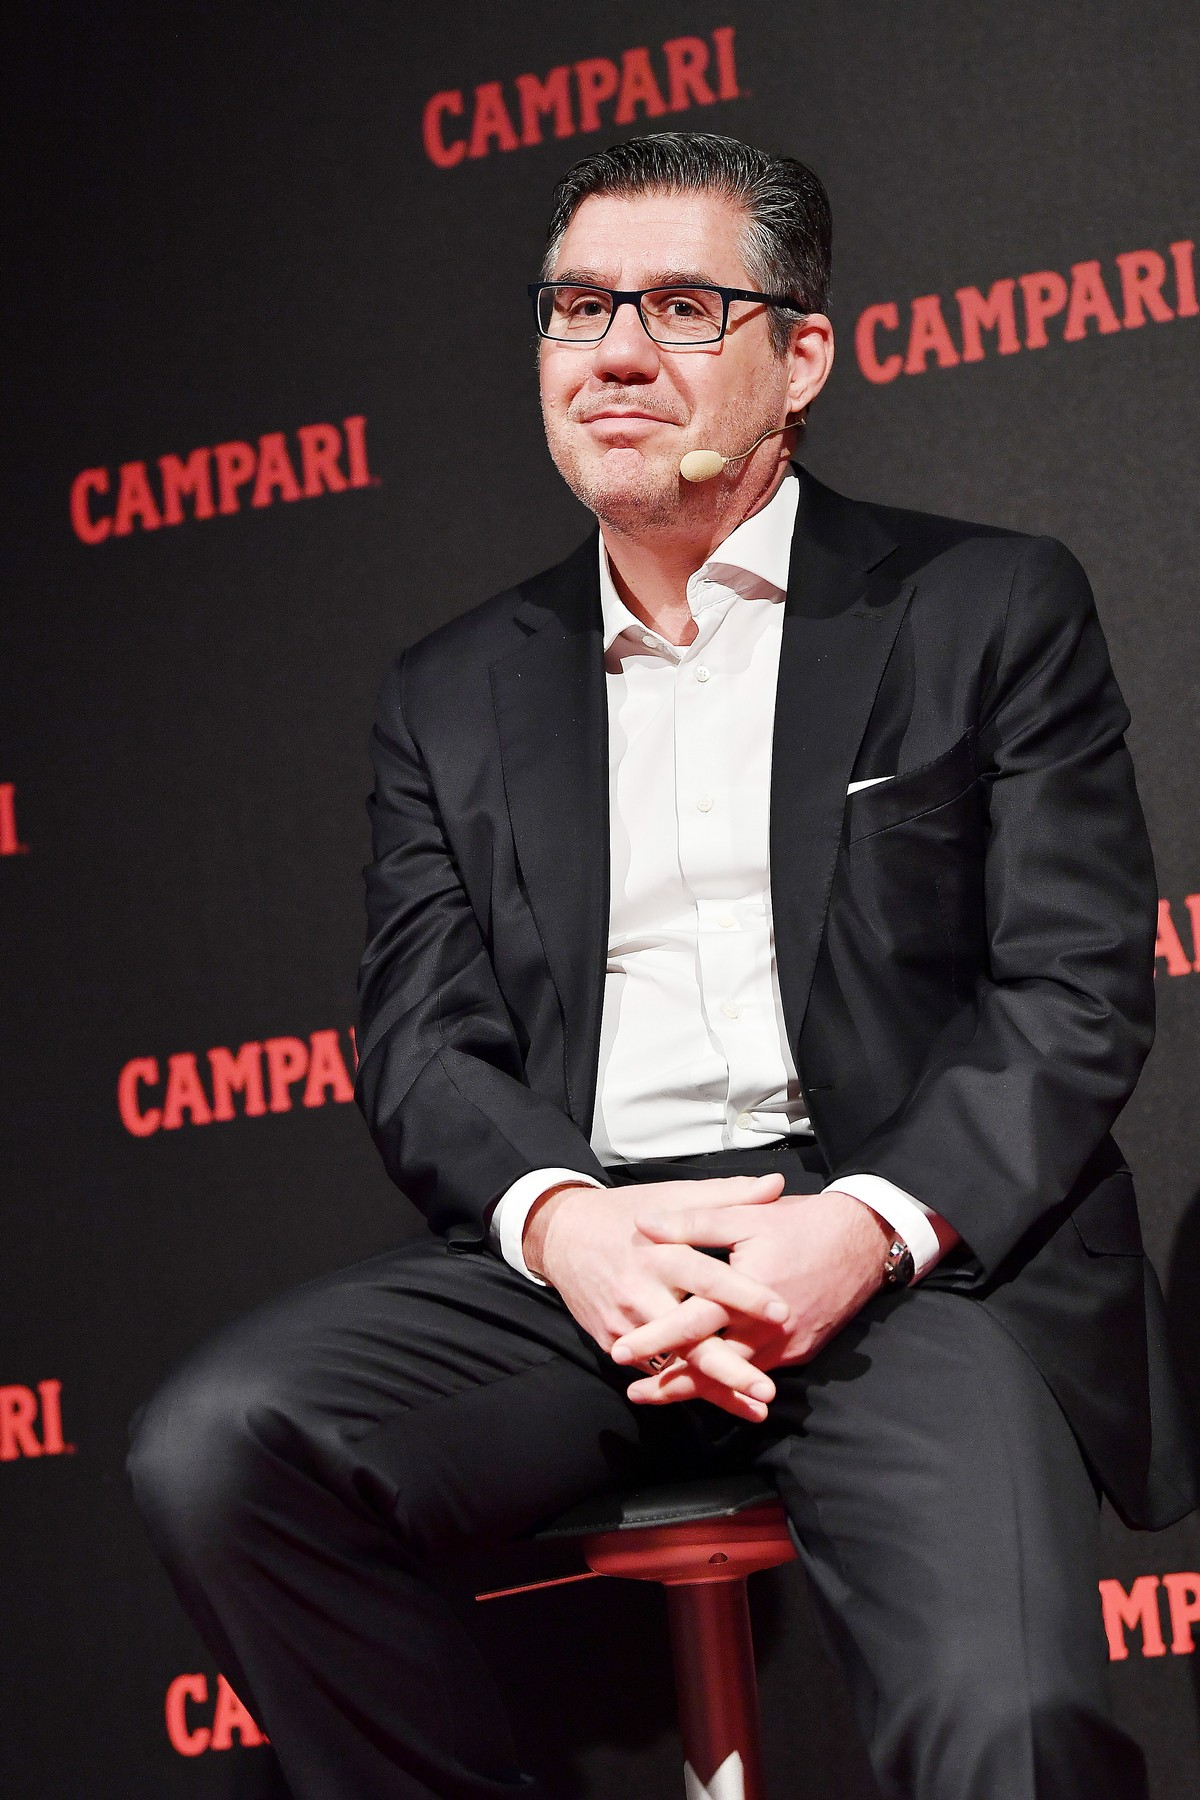 Calendario Campari 2019 party